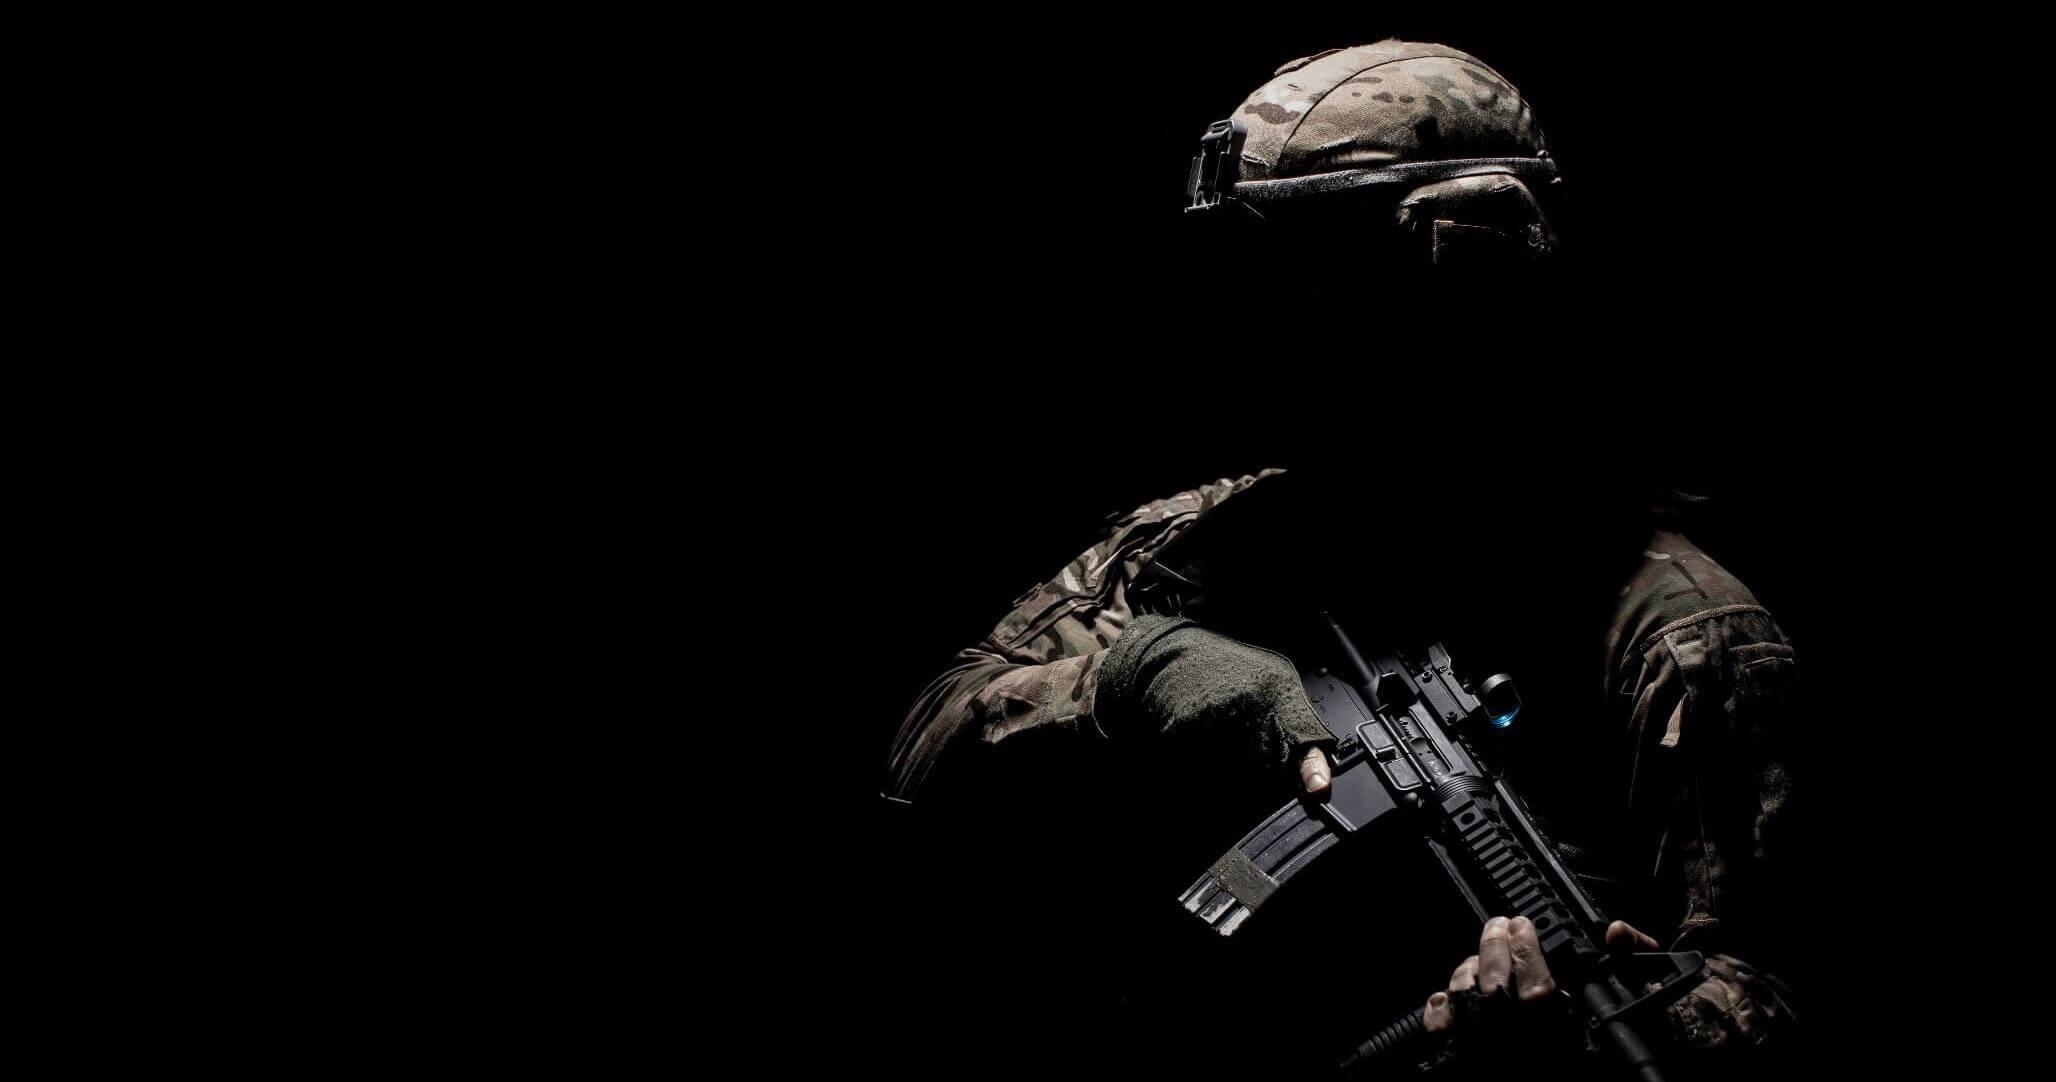 Στρατιώτης με στολή κρατώντας ένα όπλο